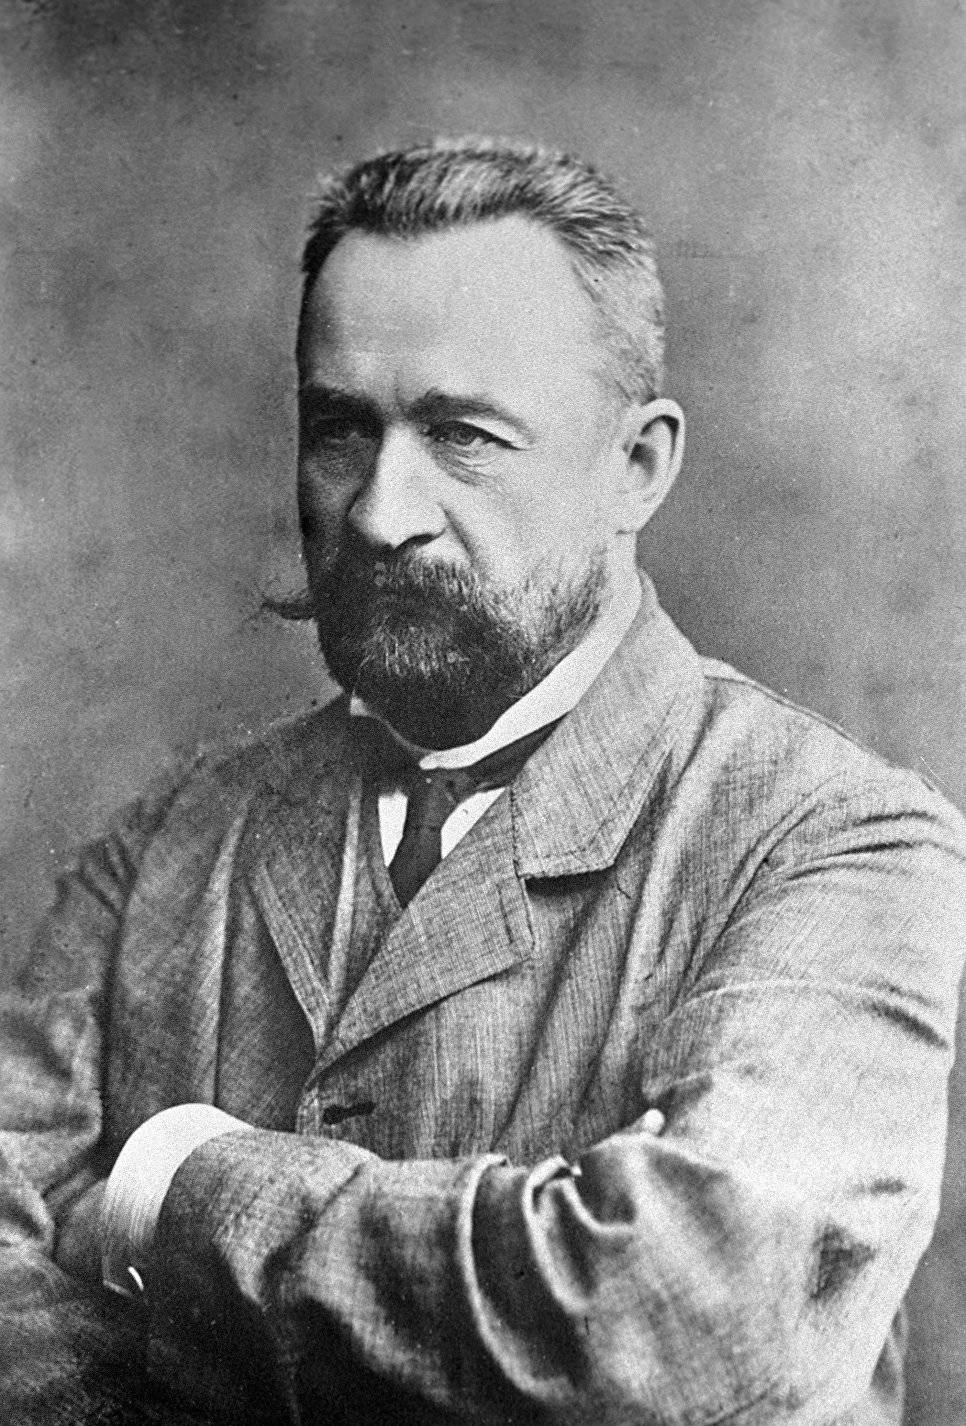 Князь Г.Е. Львов, глава Временного правительства. Фото из Сети